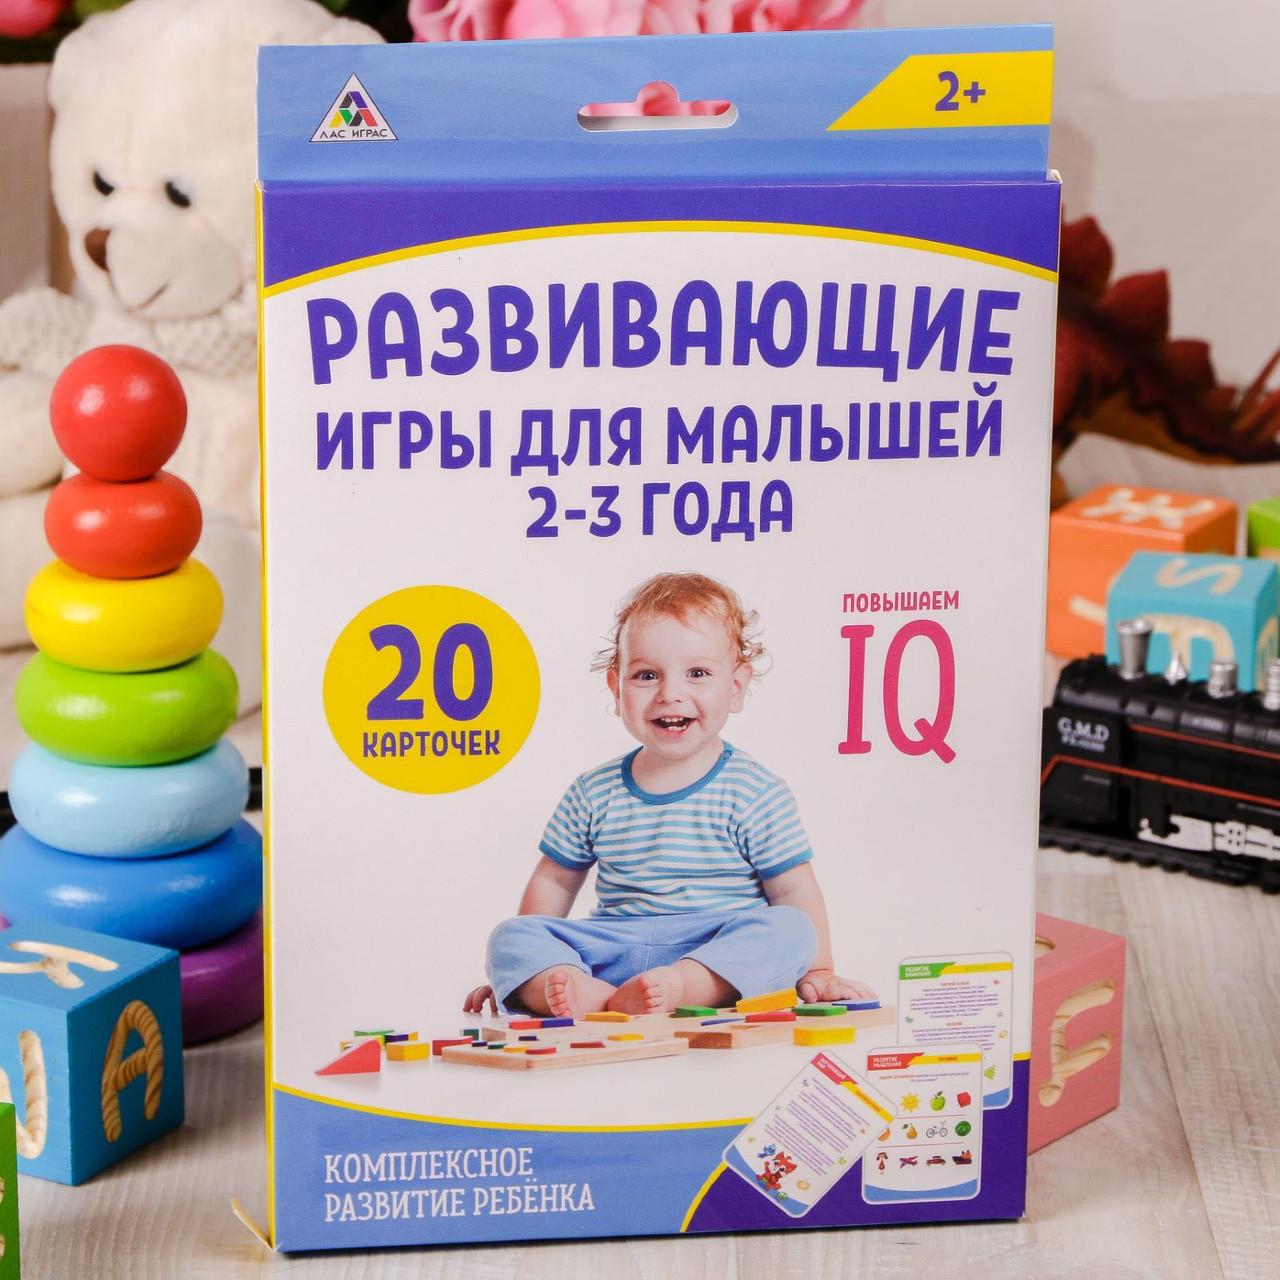 """Развивающие игры для малышей 2-3 года """"Повышаем IQ"""""""